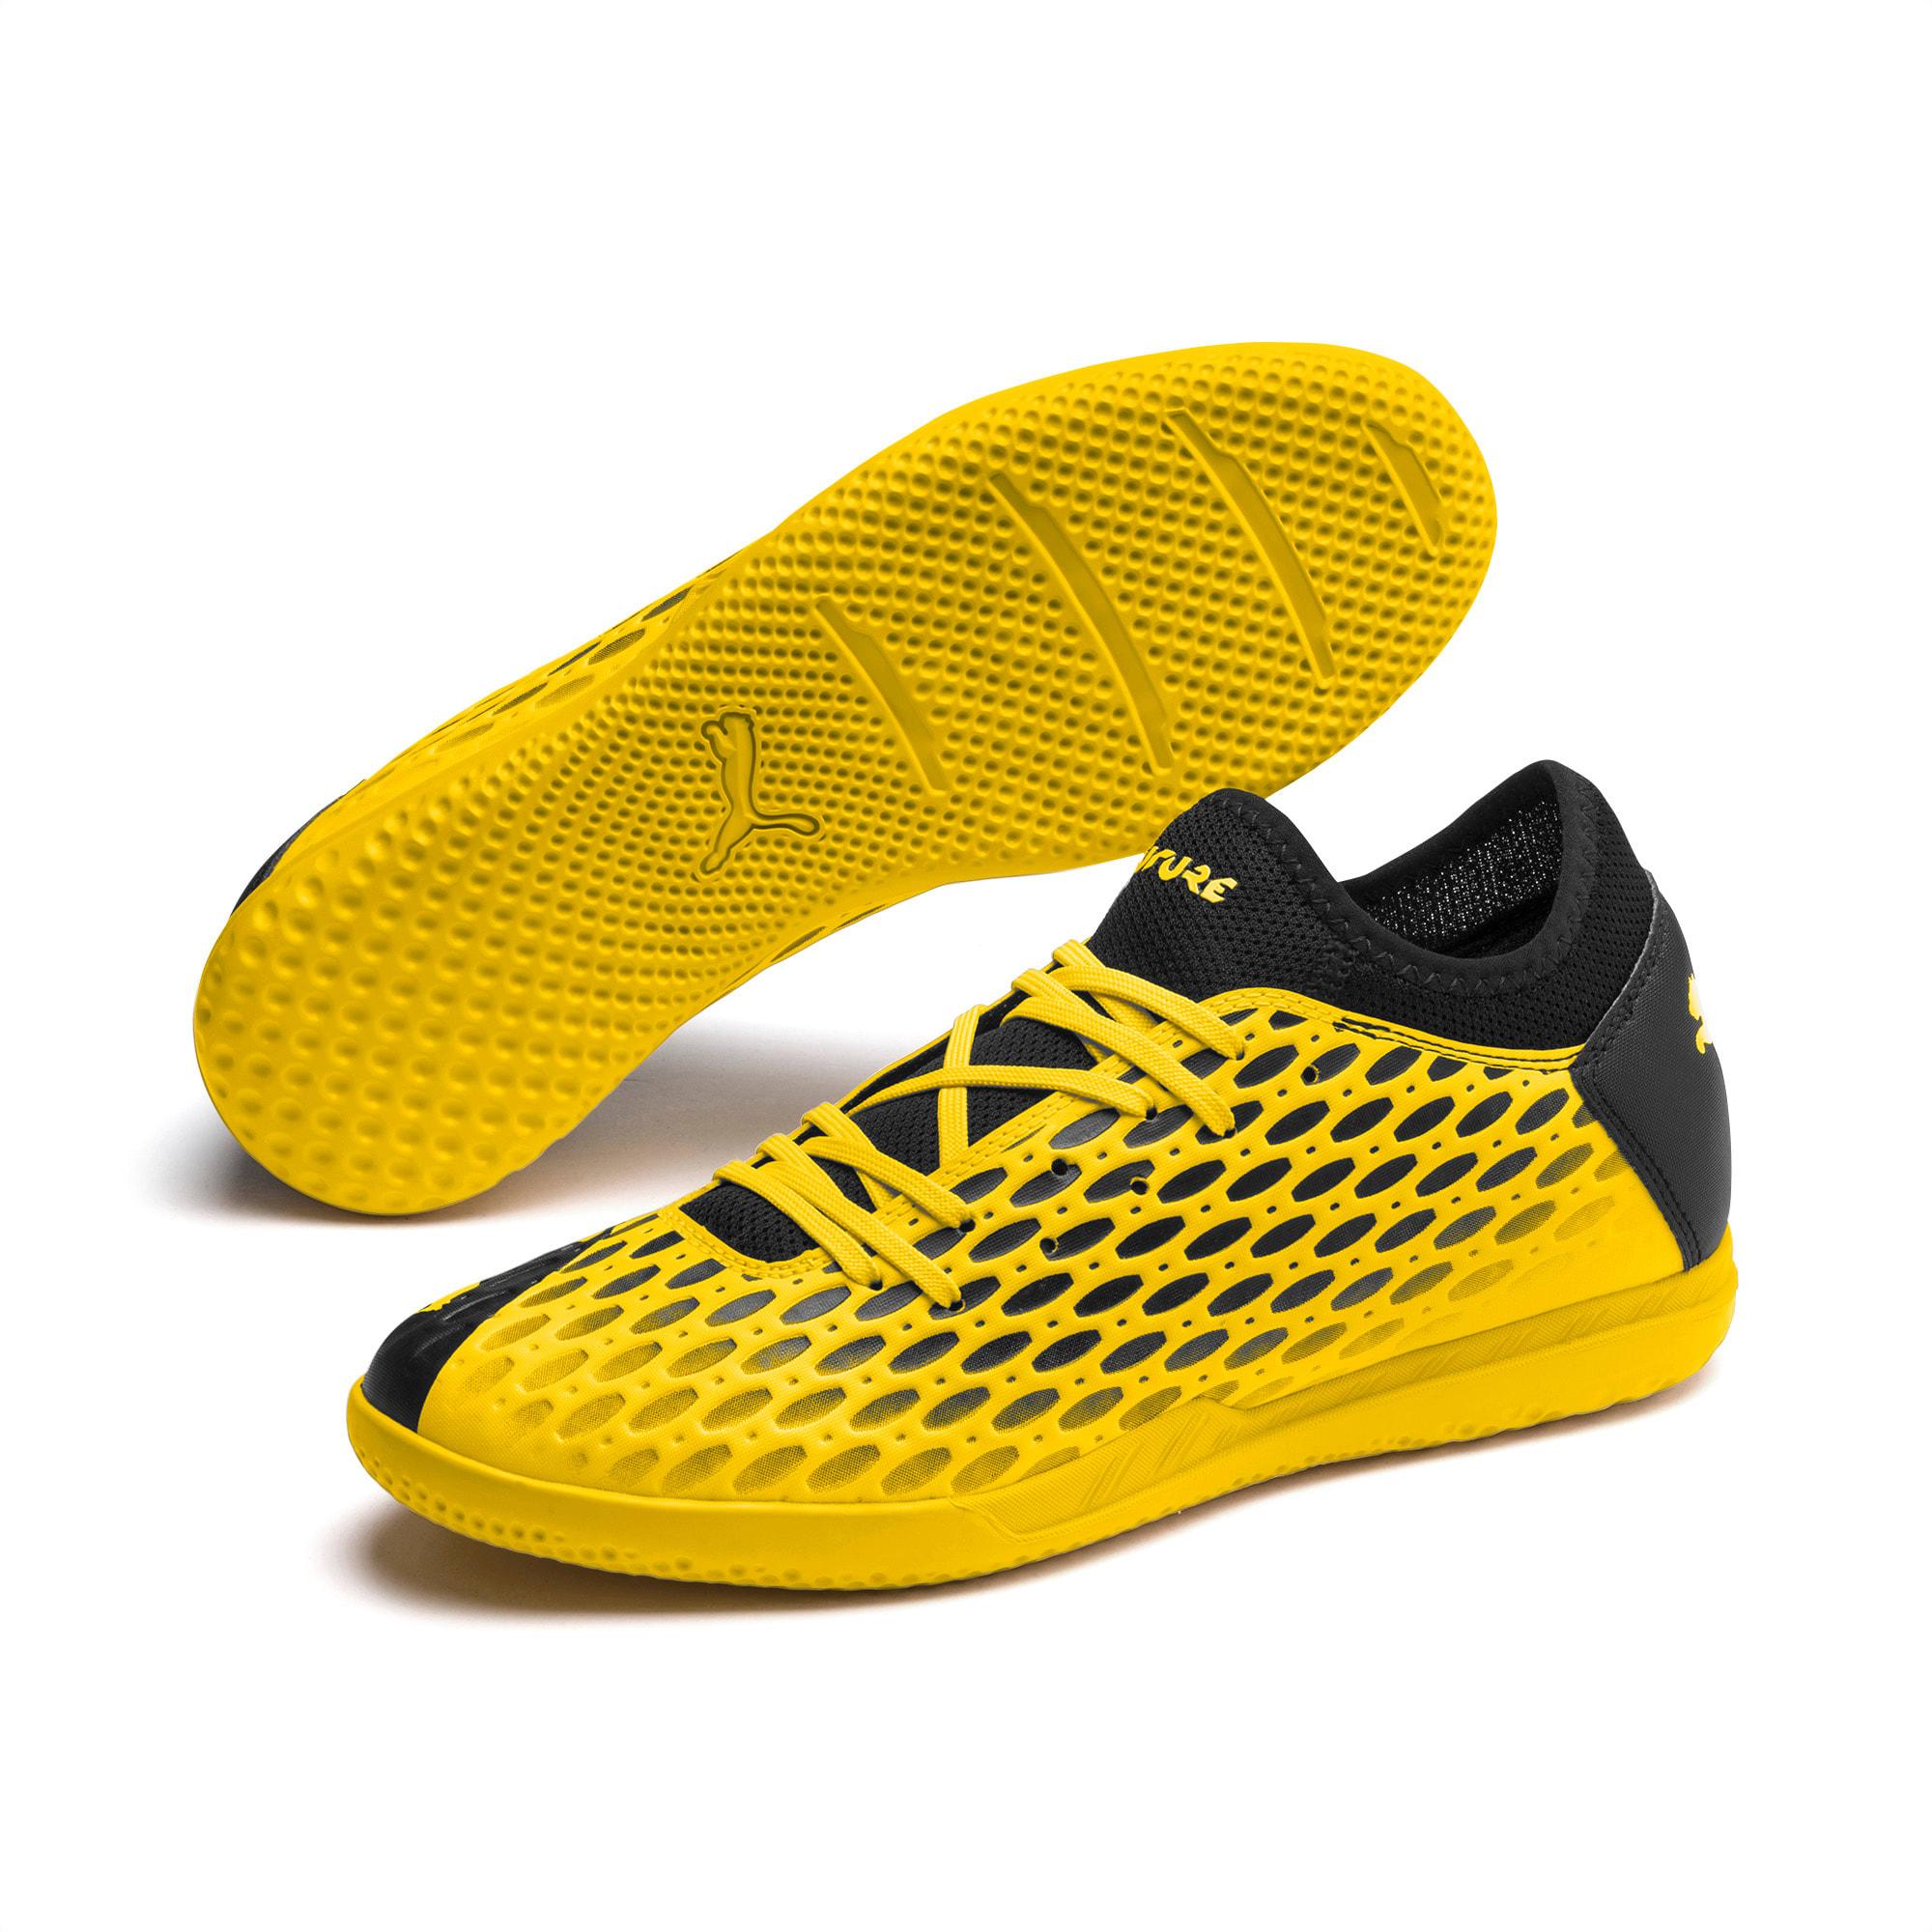 FUTURE 5.4 IT Fodboldstøvler til Herrer